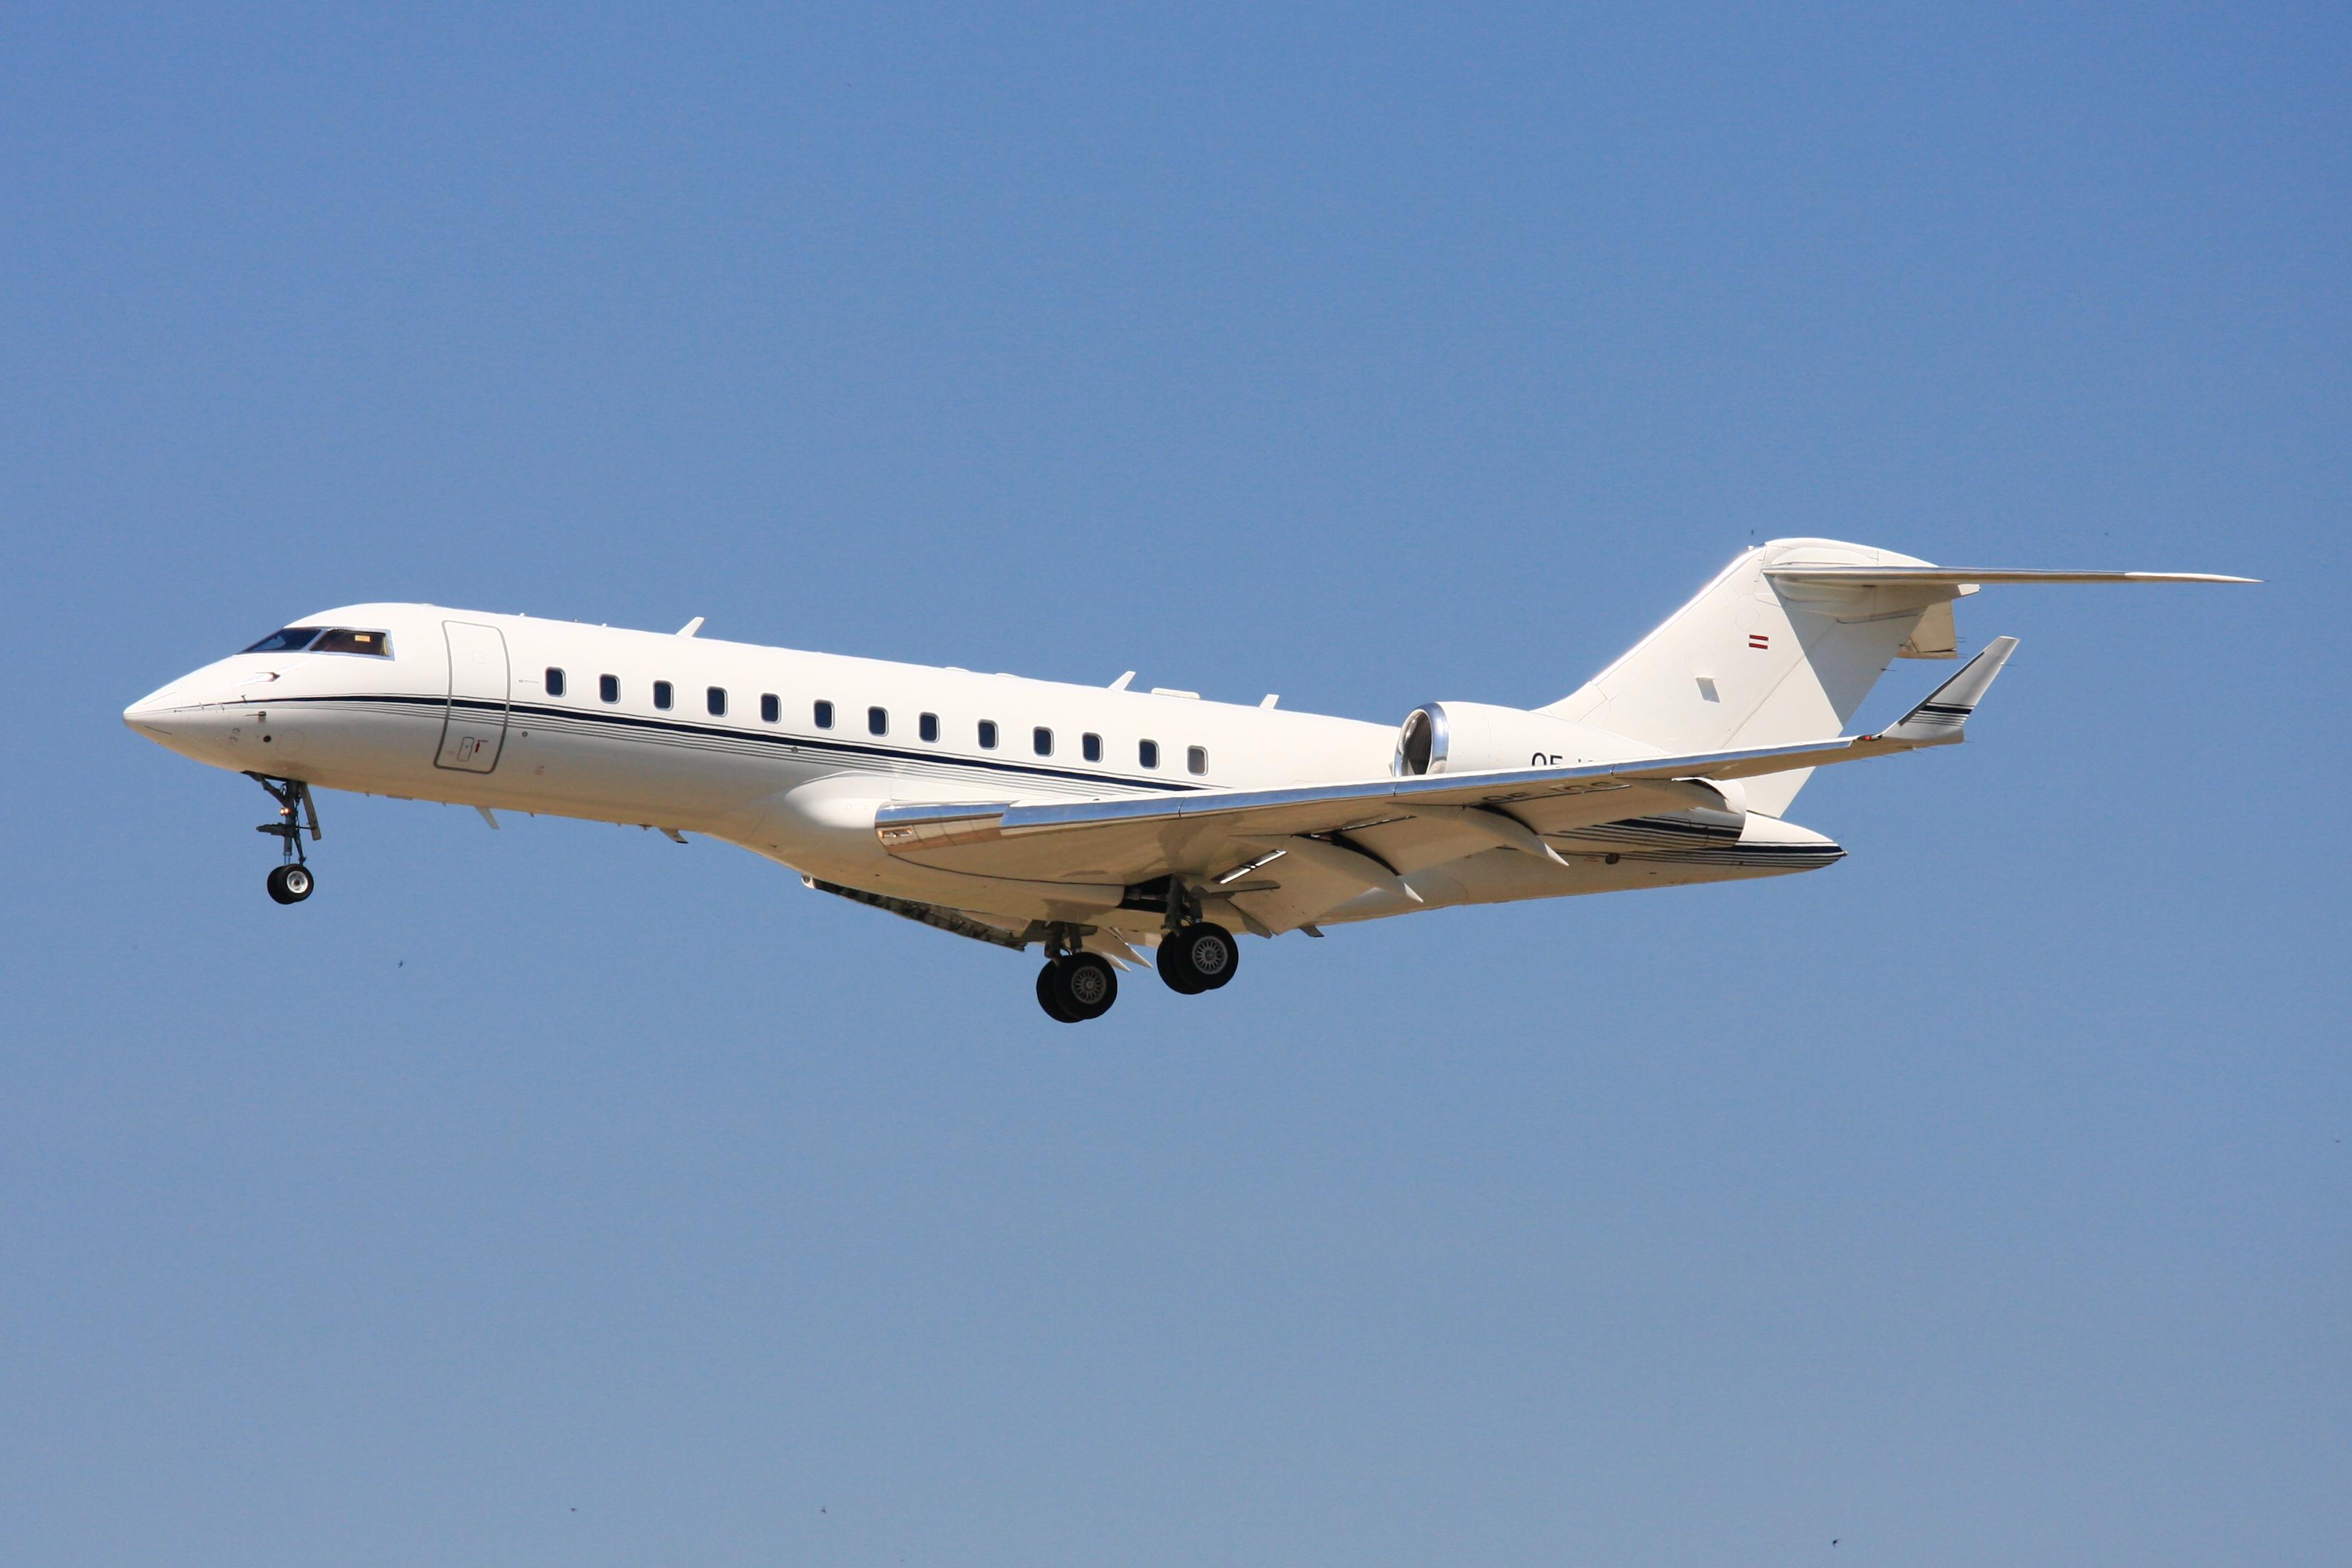 Bombardier Global Express - Wikipedia